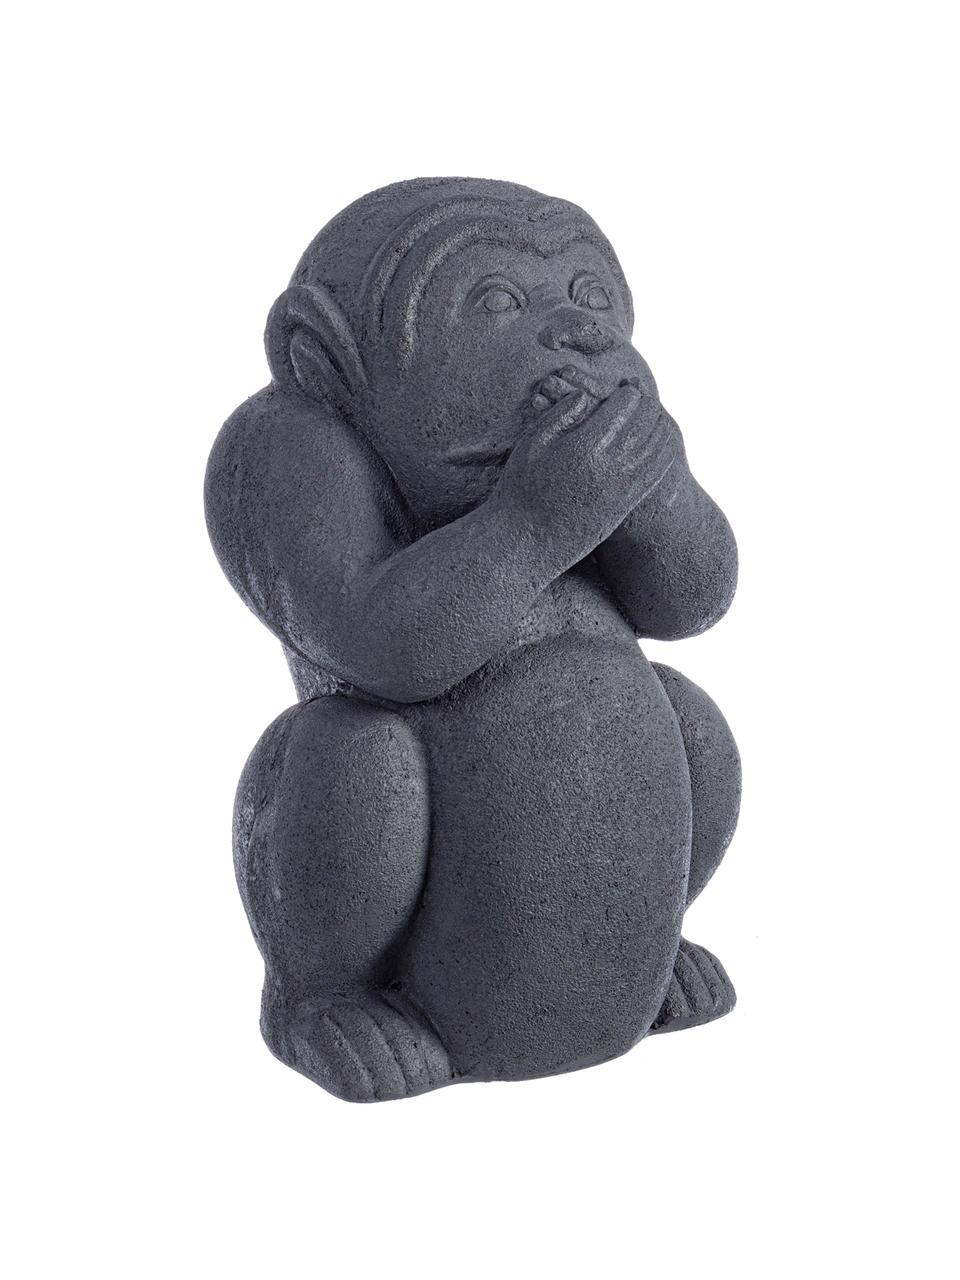 Oggetto decorativo Monkey, Cemento rivestito, Antracite, Larg. 22 x Alt. 36 cm